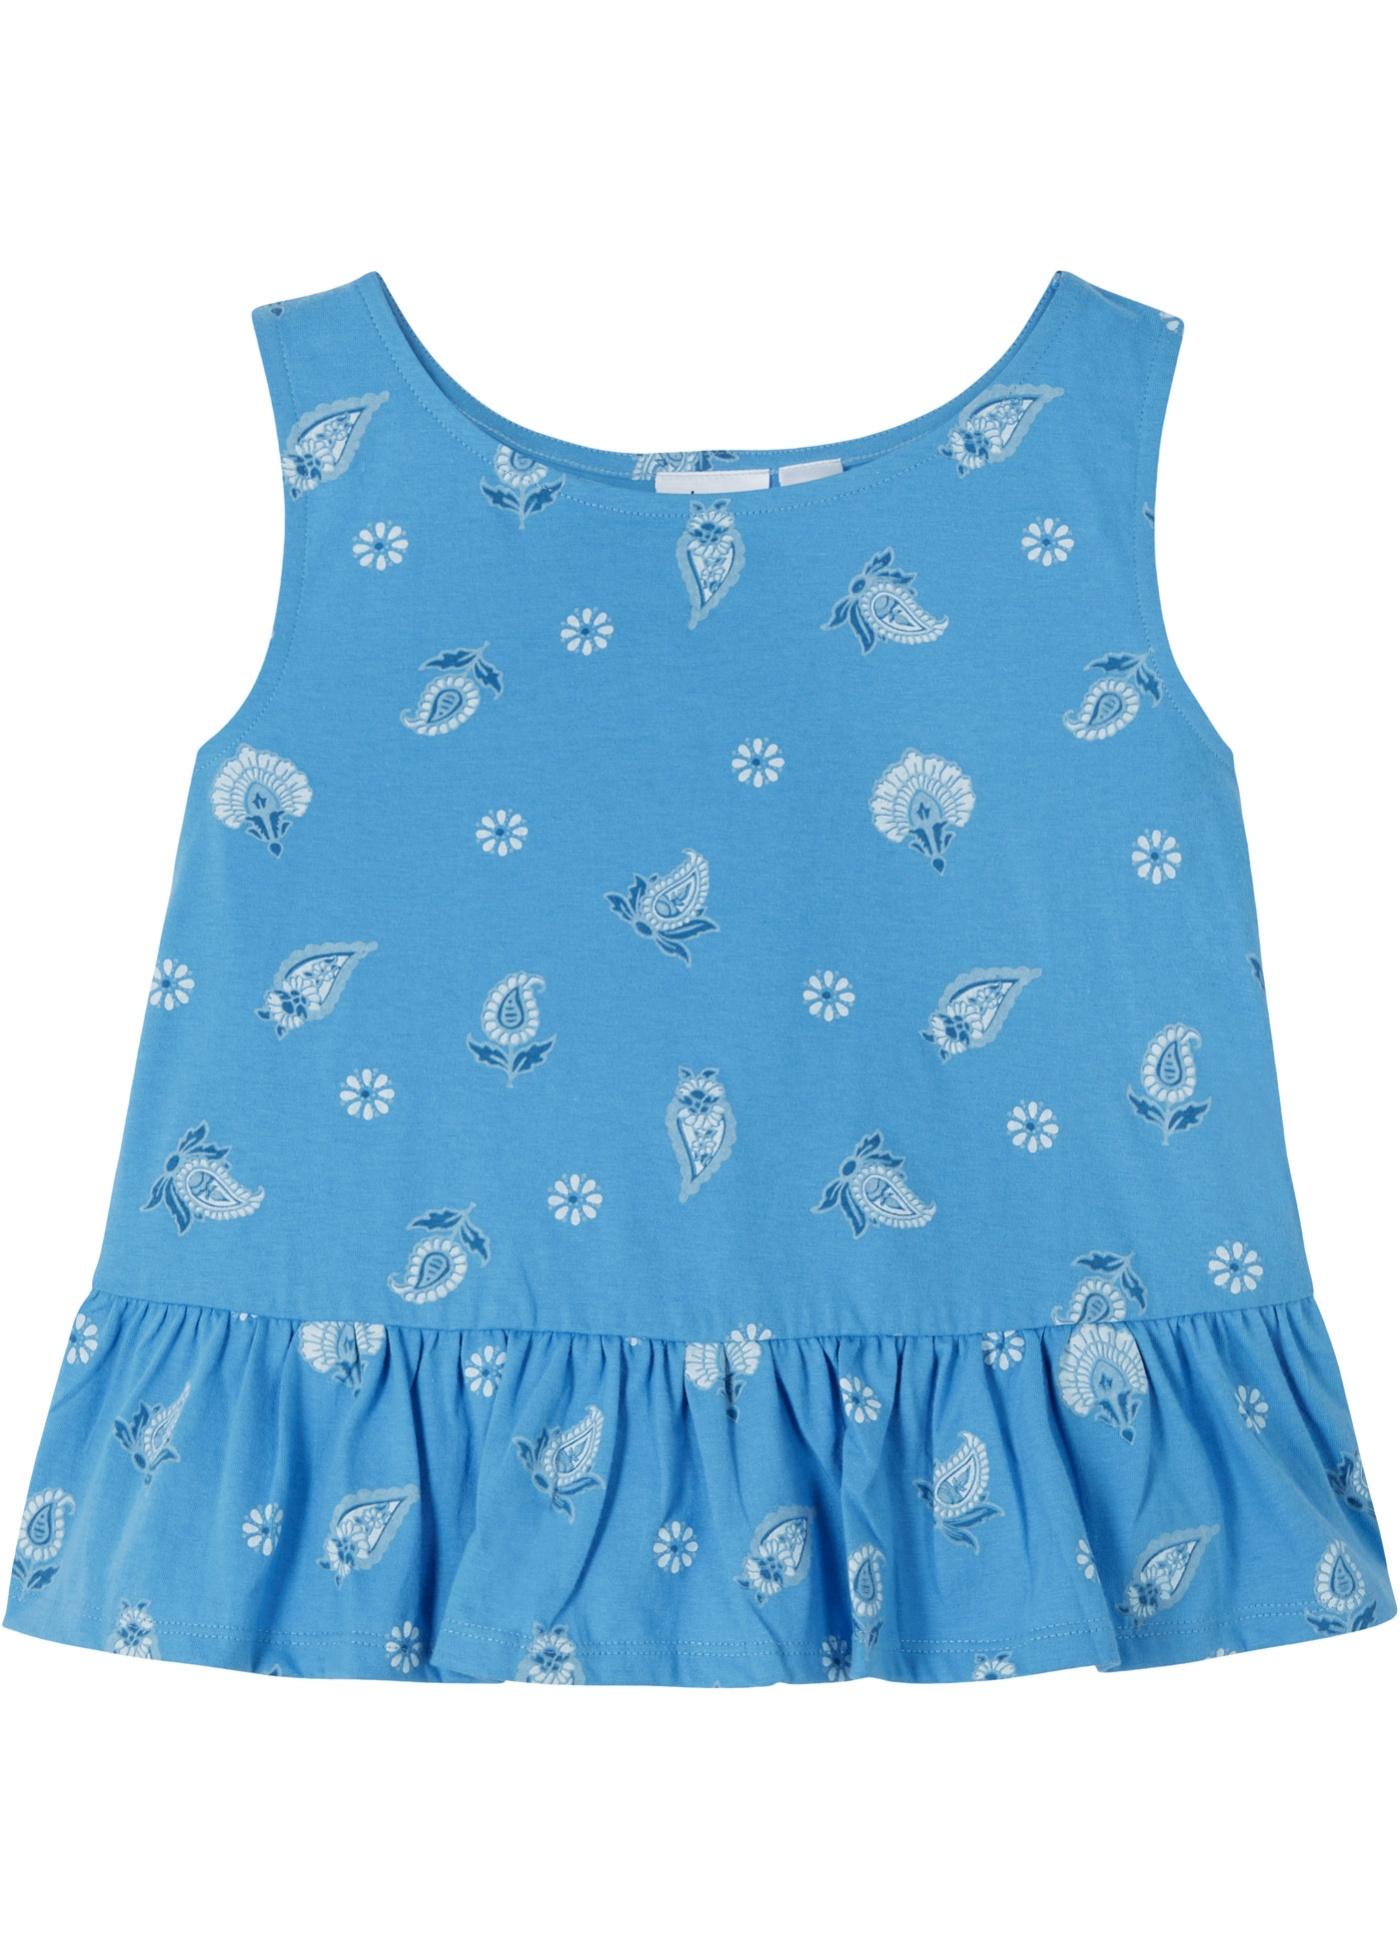 Mädchen Top mit Volant ohne Ärmel  in blau für Mädchen von bonprix